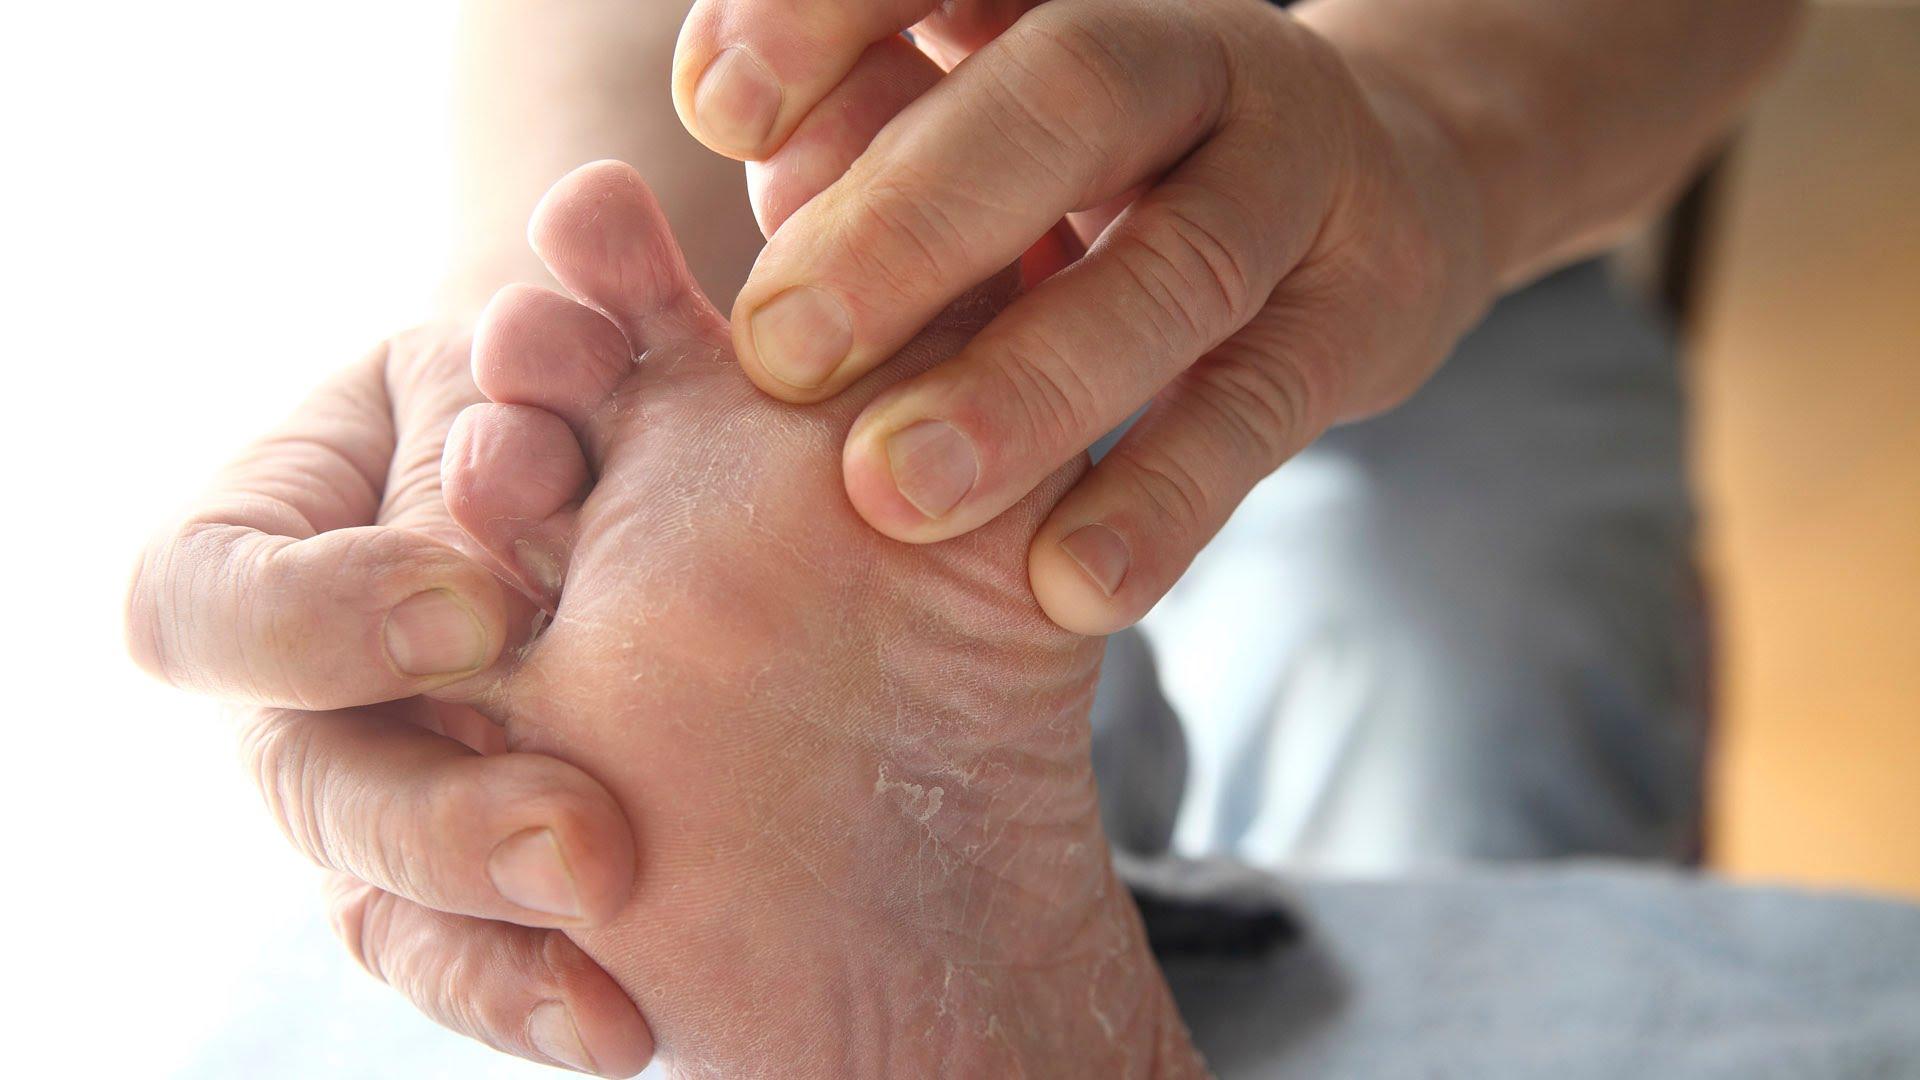 como eliminar el olor de pies con remedios caseros